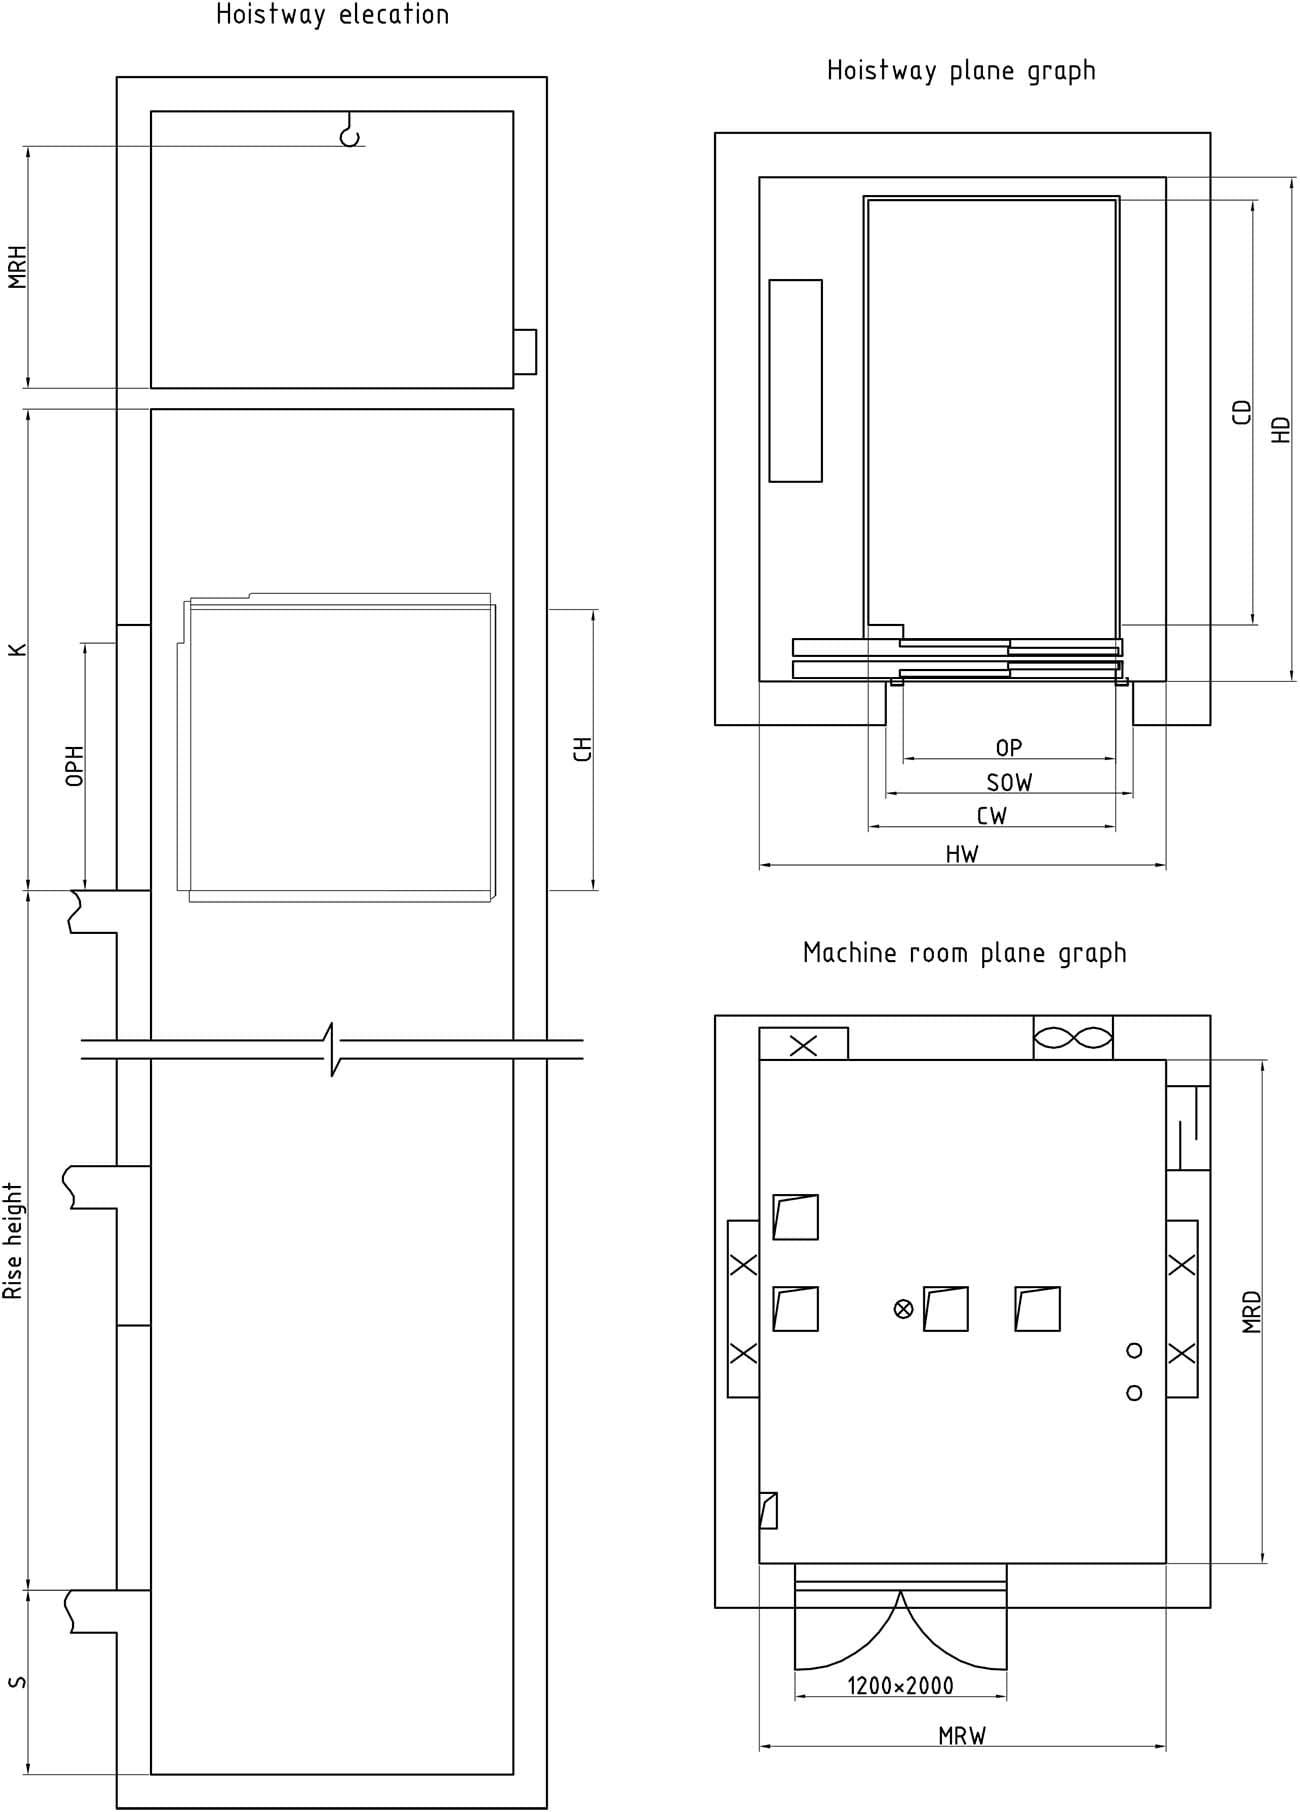 ಸಿ: UsersLiHanningDesktop2016年工作桌面常用文件 201